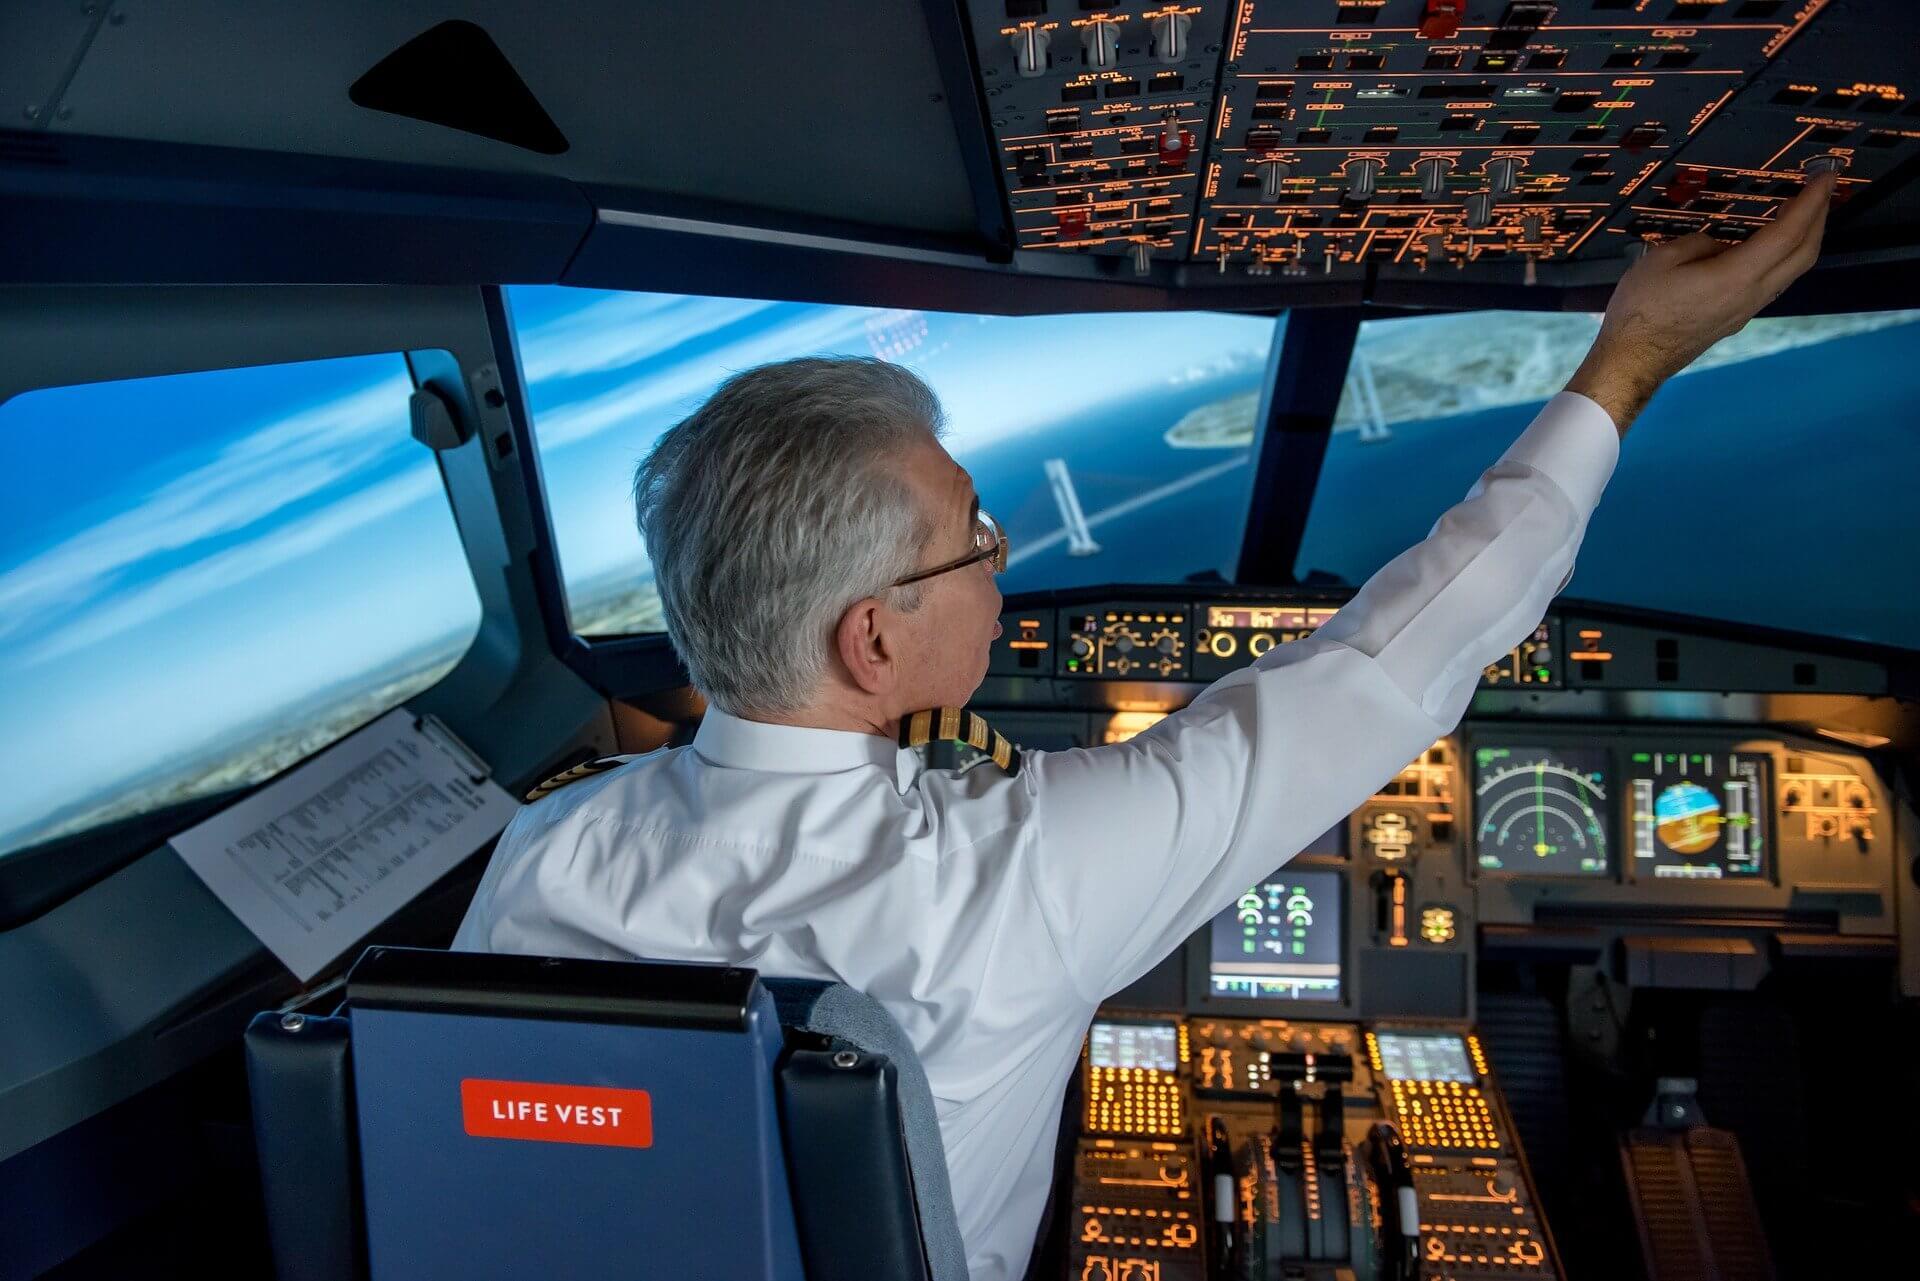 Pilotenausbildung: Weiterhin Zweiklassengesellschaft bei der Steuer